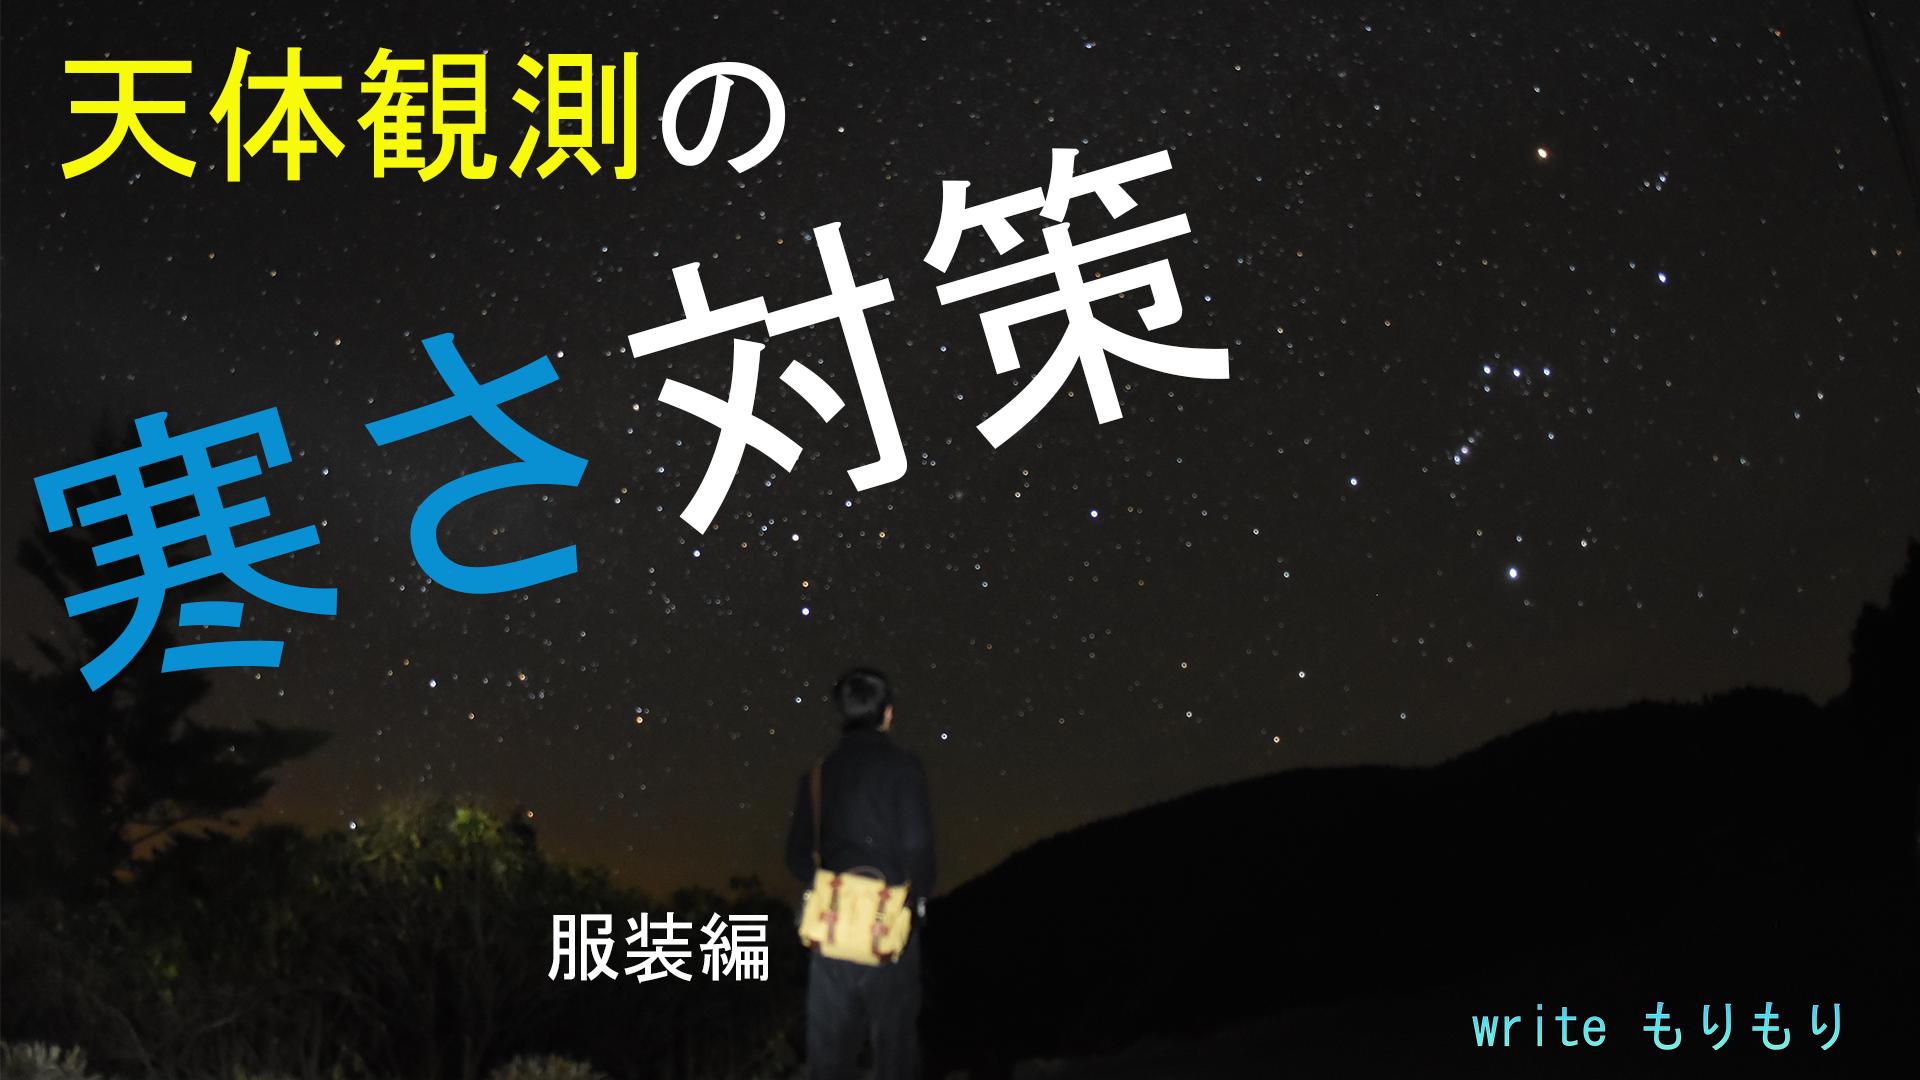 沖縄からやってきた島人の寒さ対策(2020年冬版)(✍もりもり)